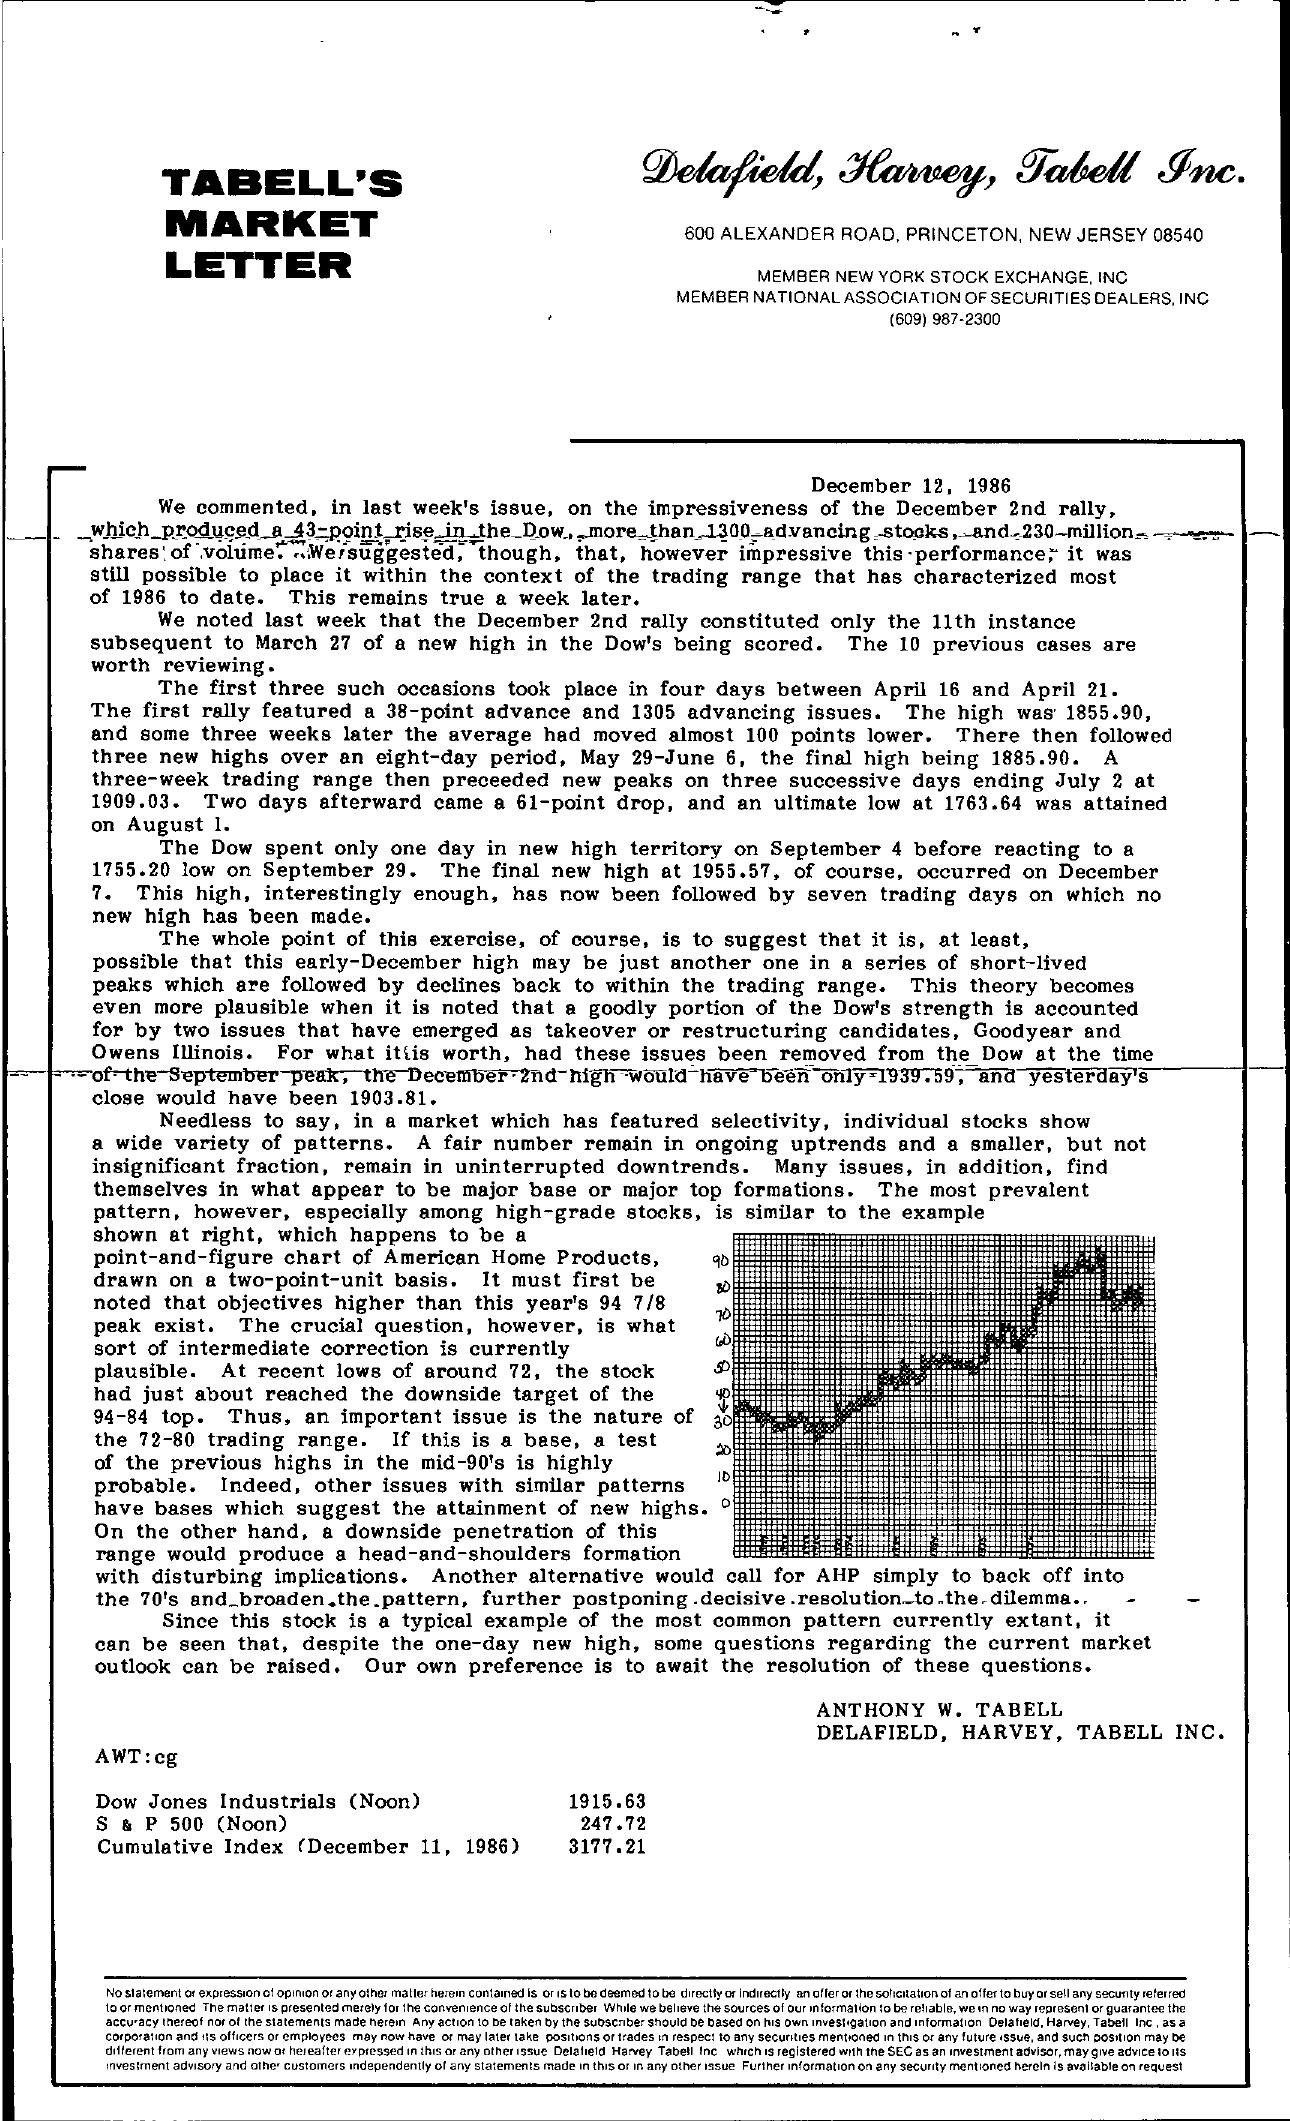 Tabell's Market Letter - December 12, 1986